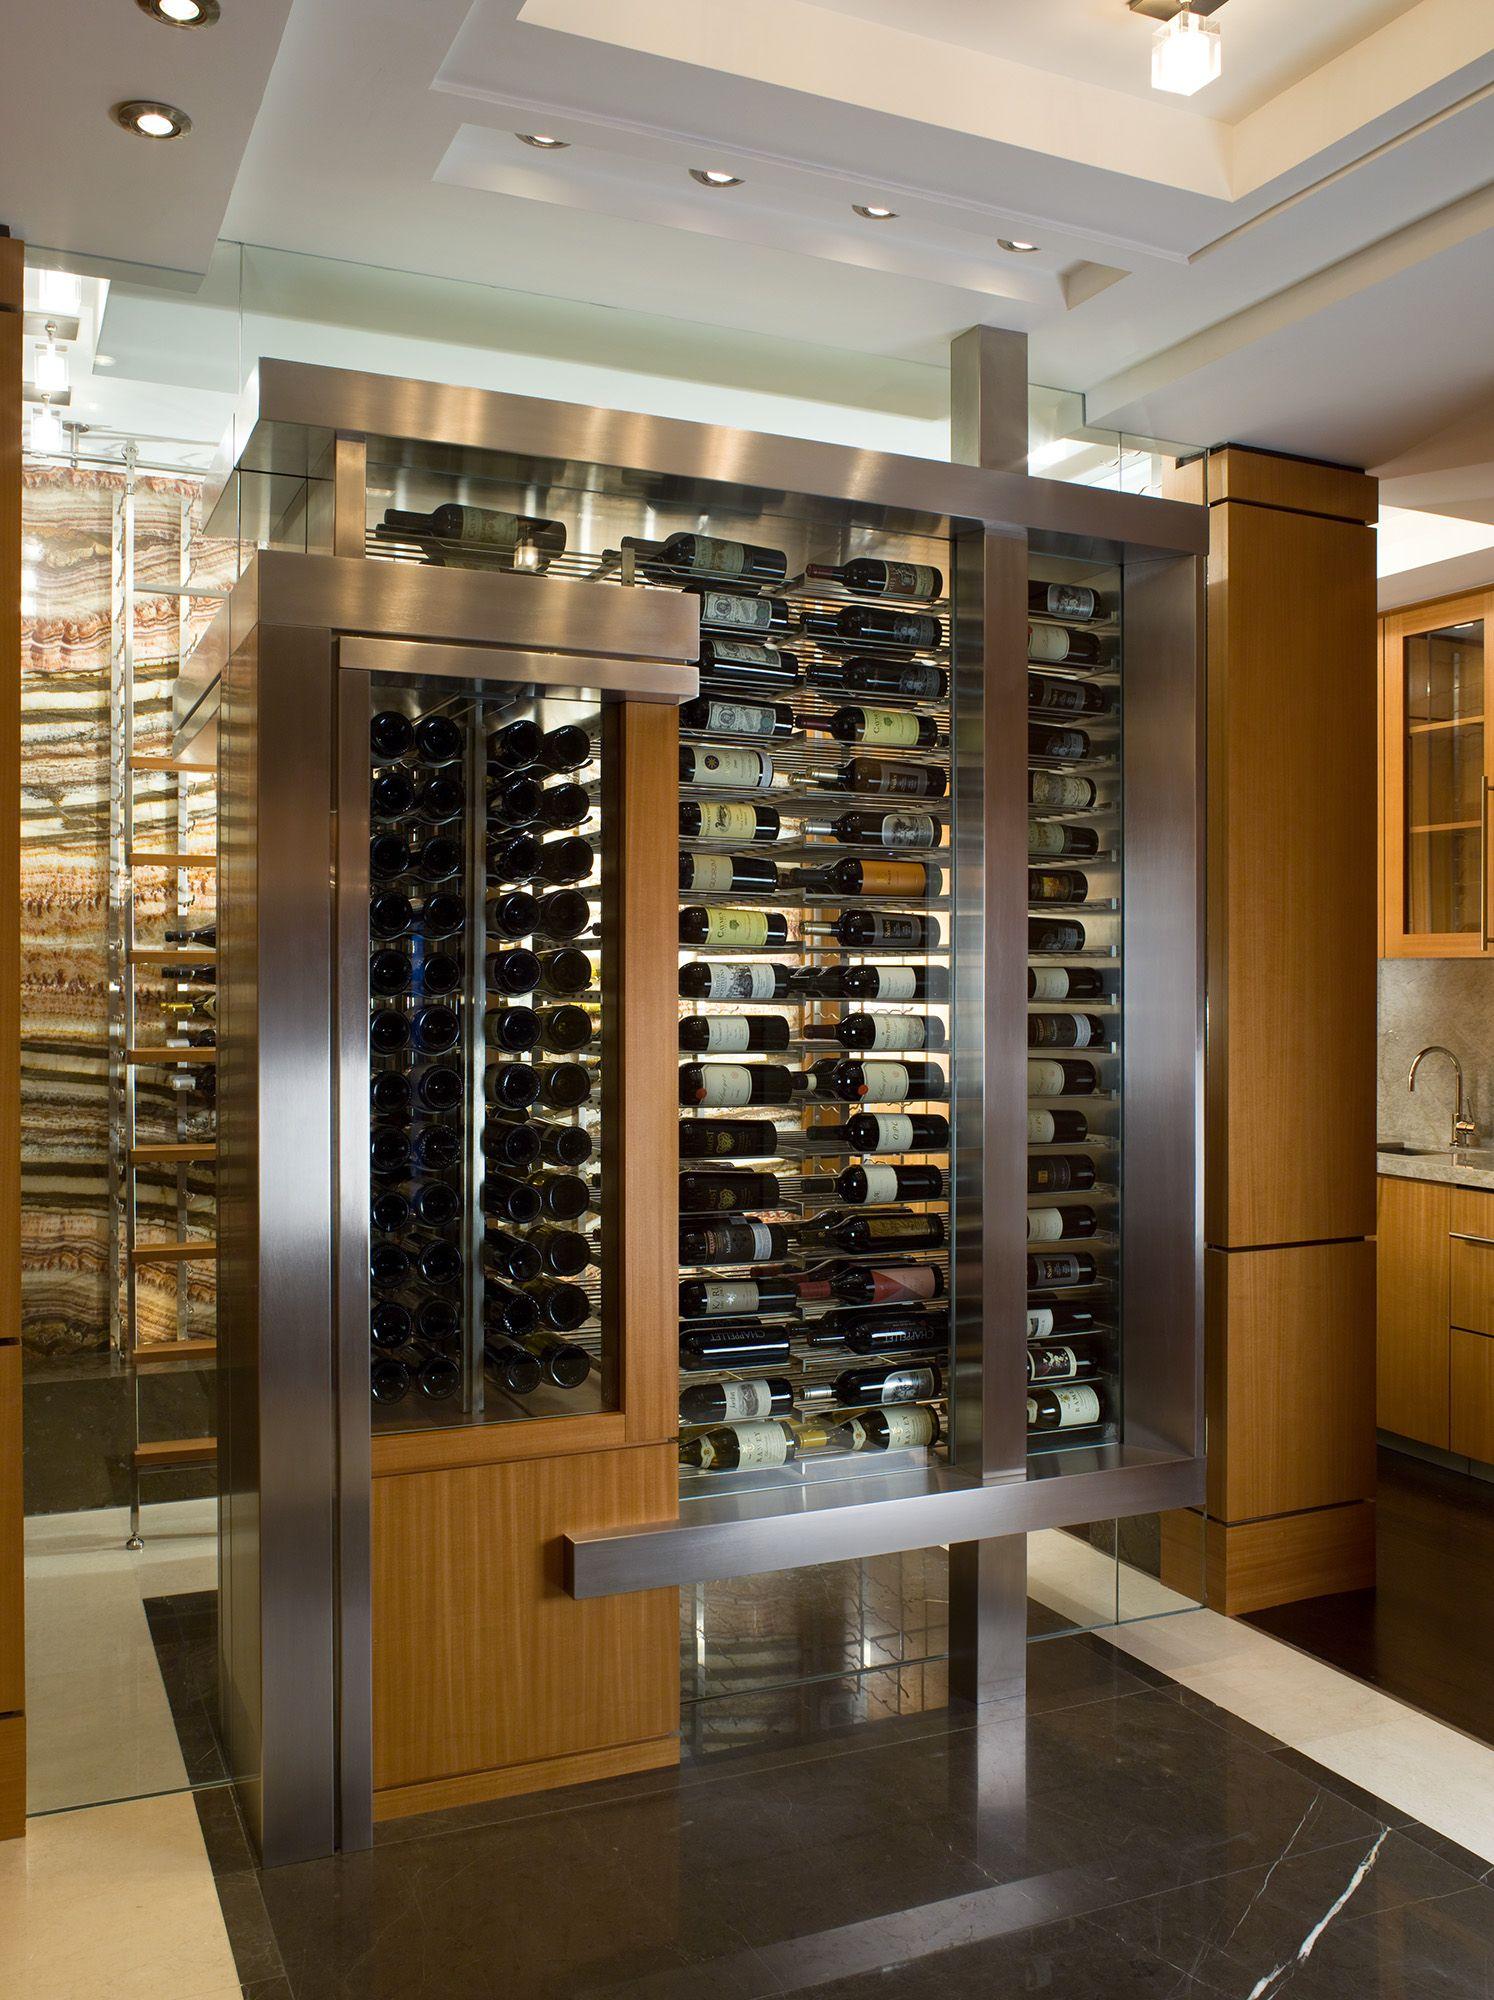 Four Seasons Miami-Residence Wine Storage Room #Opustone #naturalstone #stone #interior & Four Seasons Miami-Residence Wine Storage Room #Opustone ...